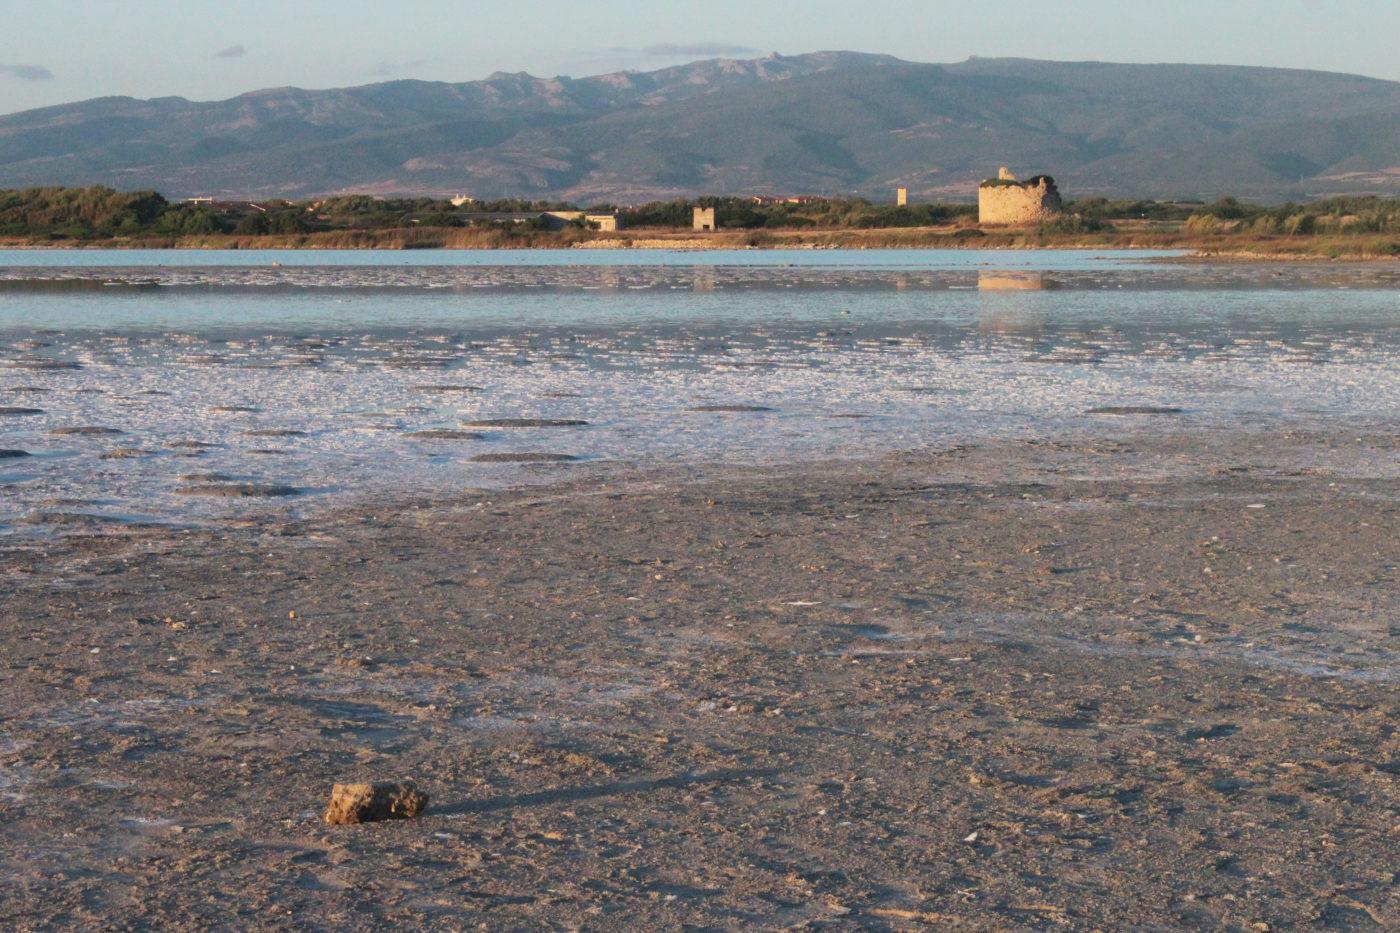 Sardegna Da Alghero ad Oristano stagno di sale e porcu